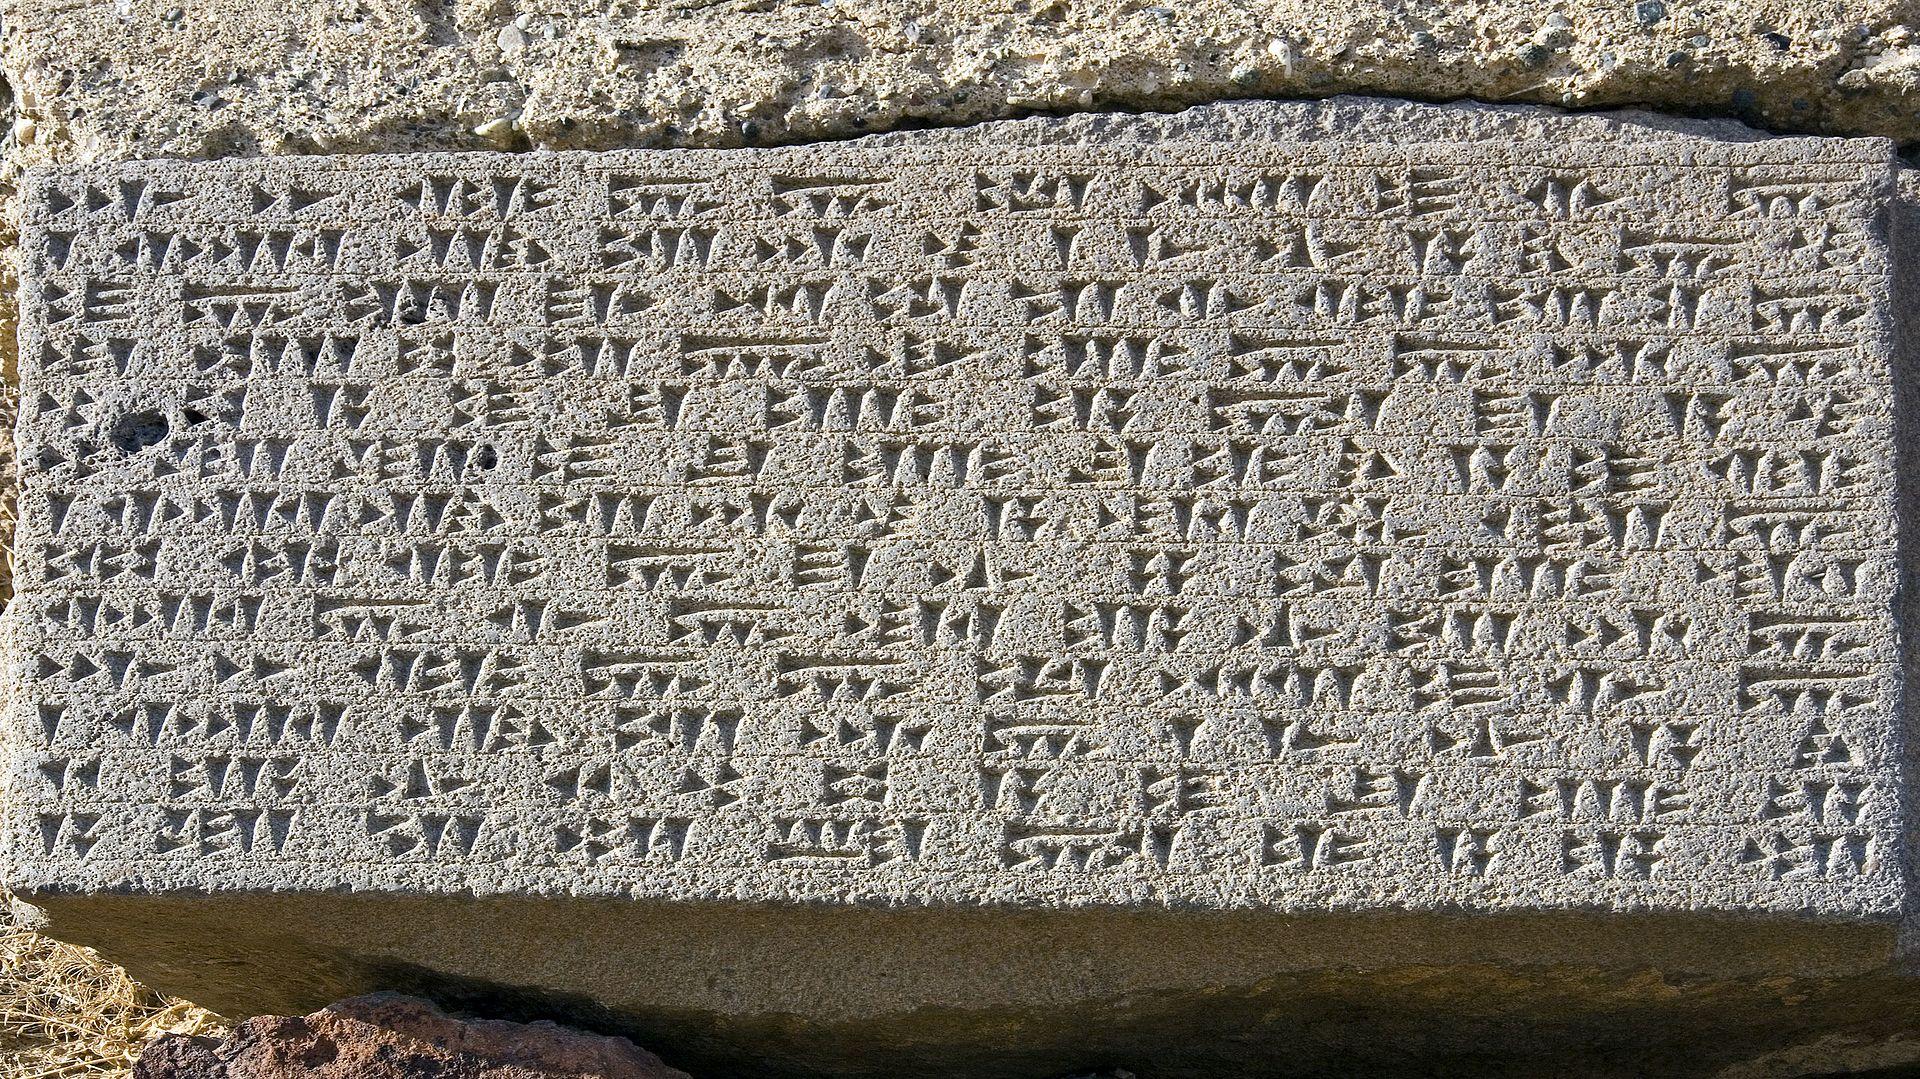 клинописная надпись, найденная в крепости Эребуни